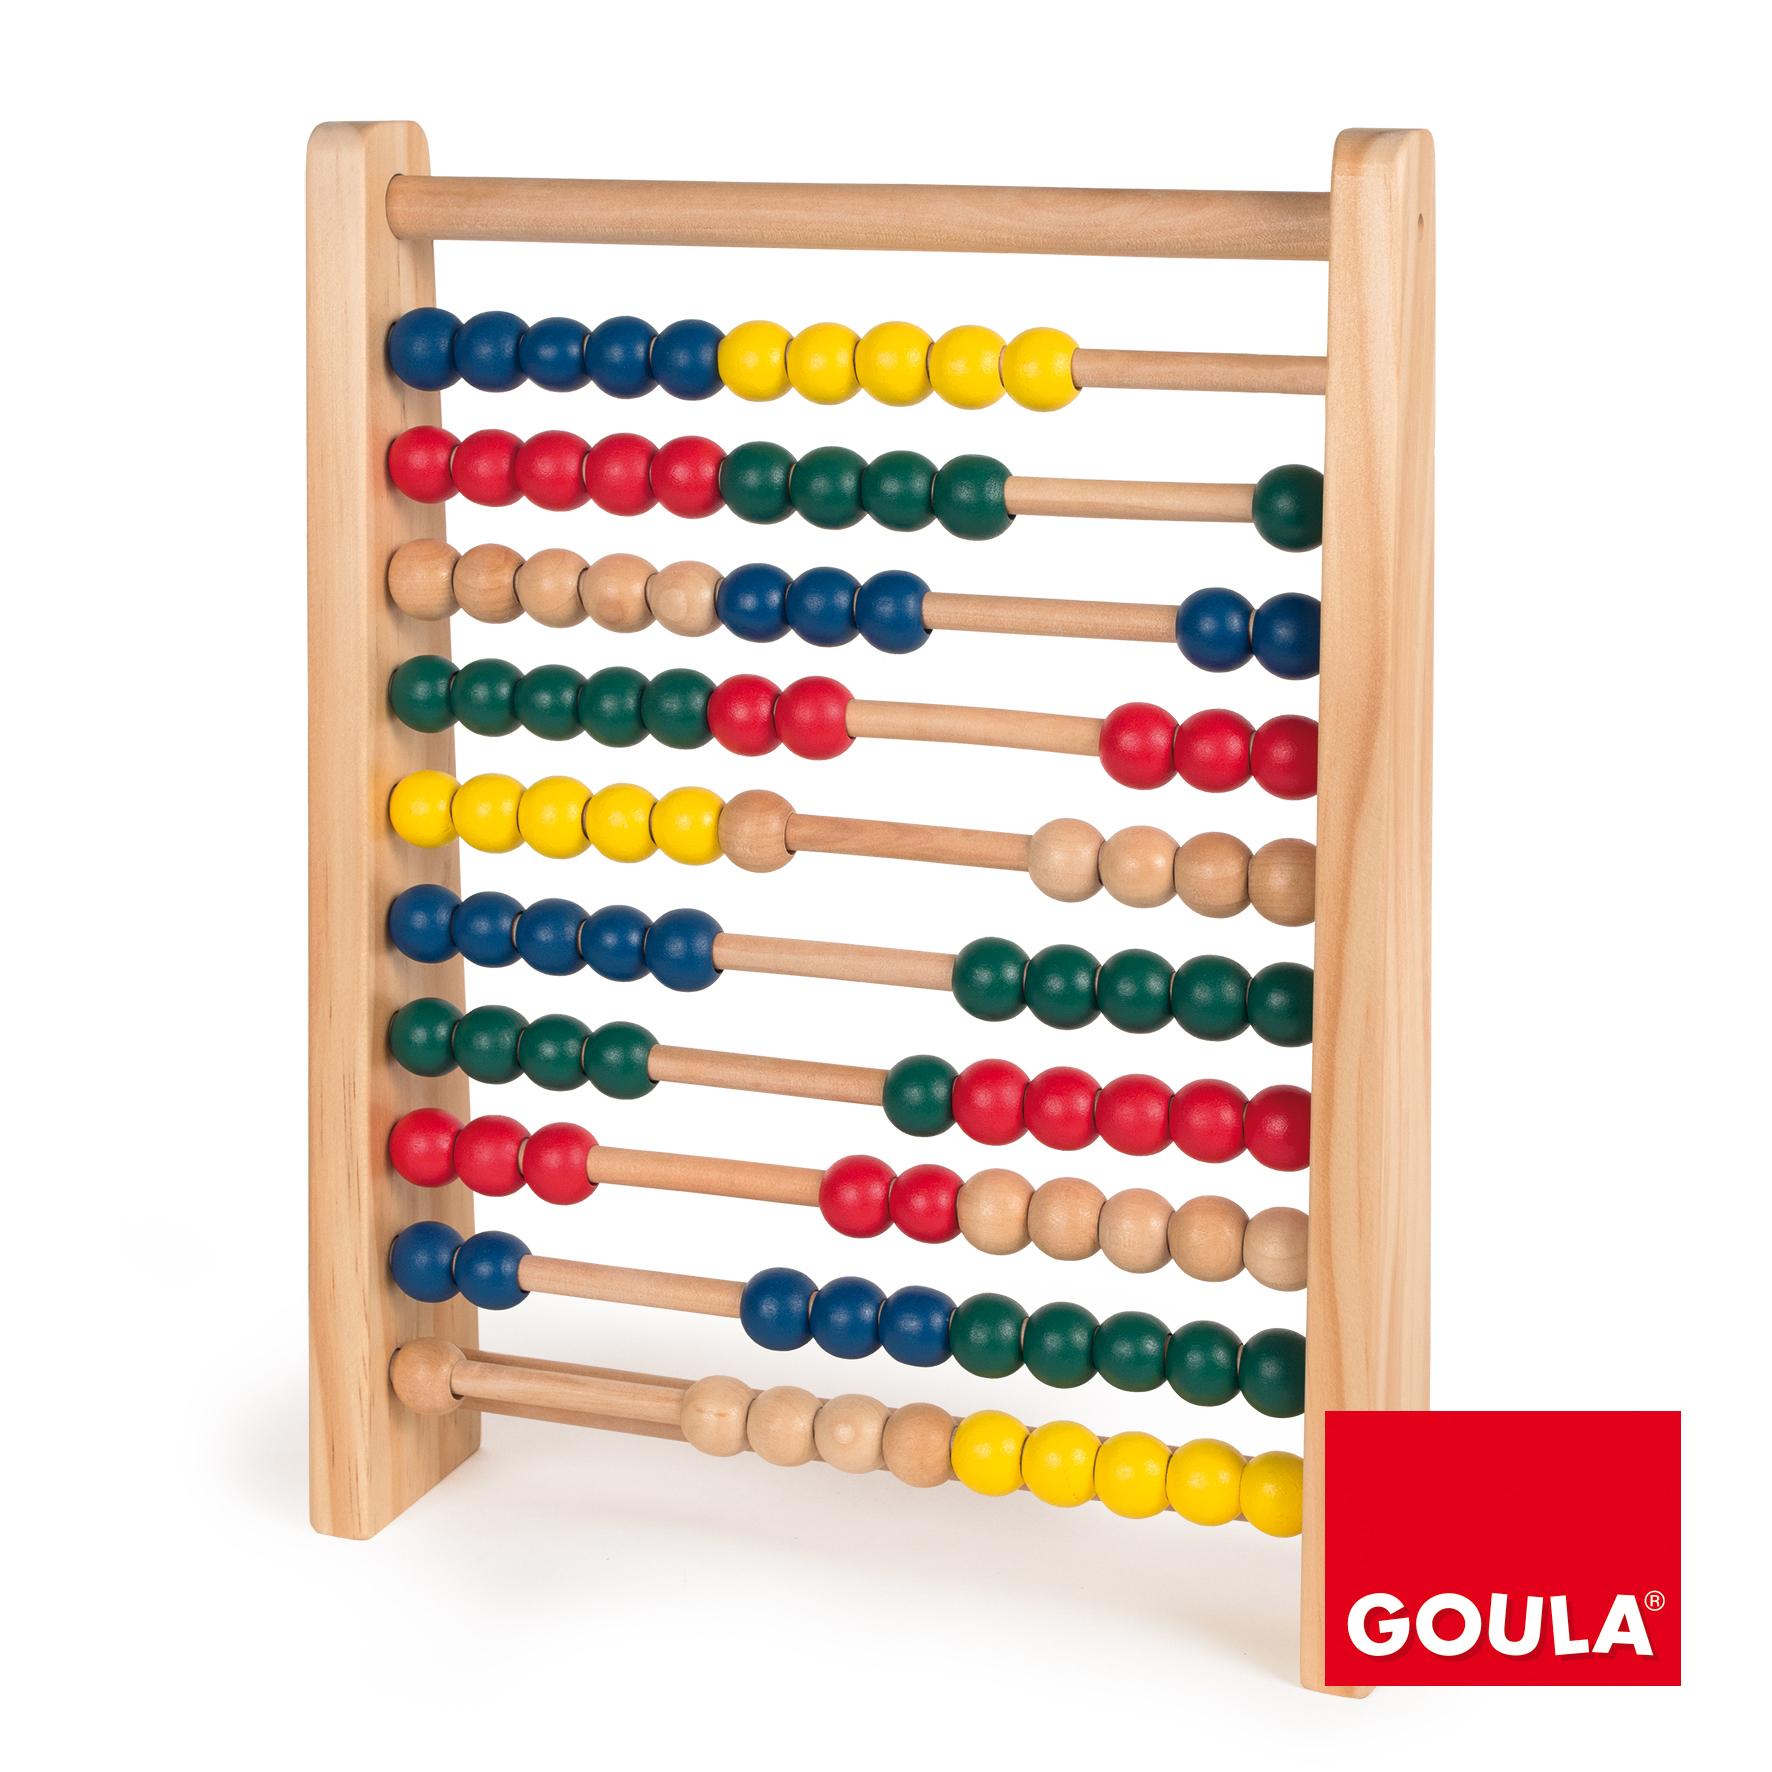 Numărătoare din lemn cu 100 de bile colorate imagine edituradiana.ro